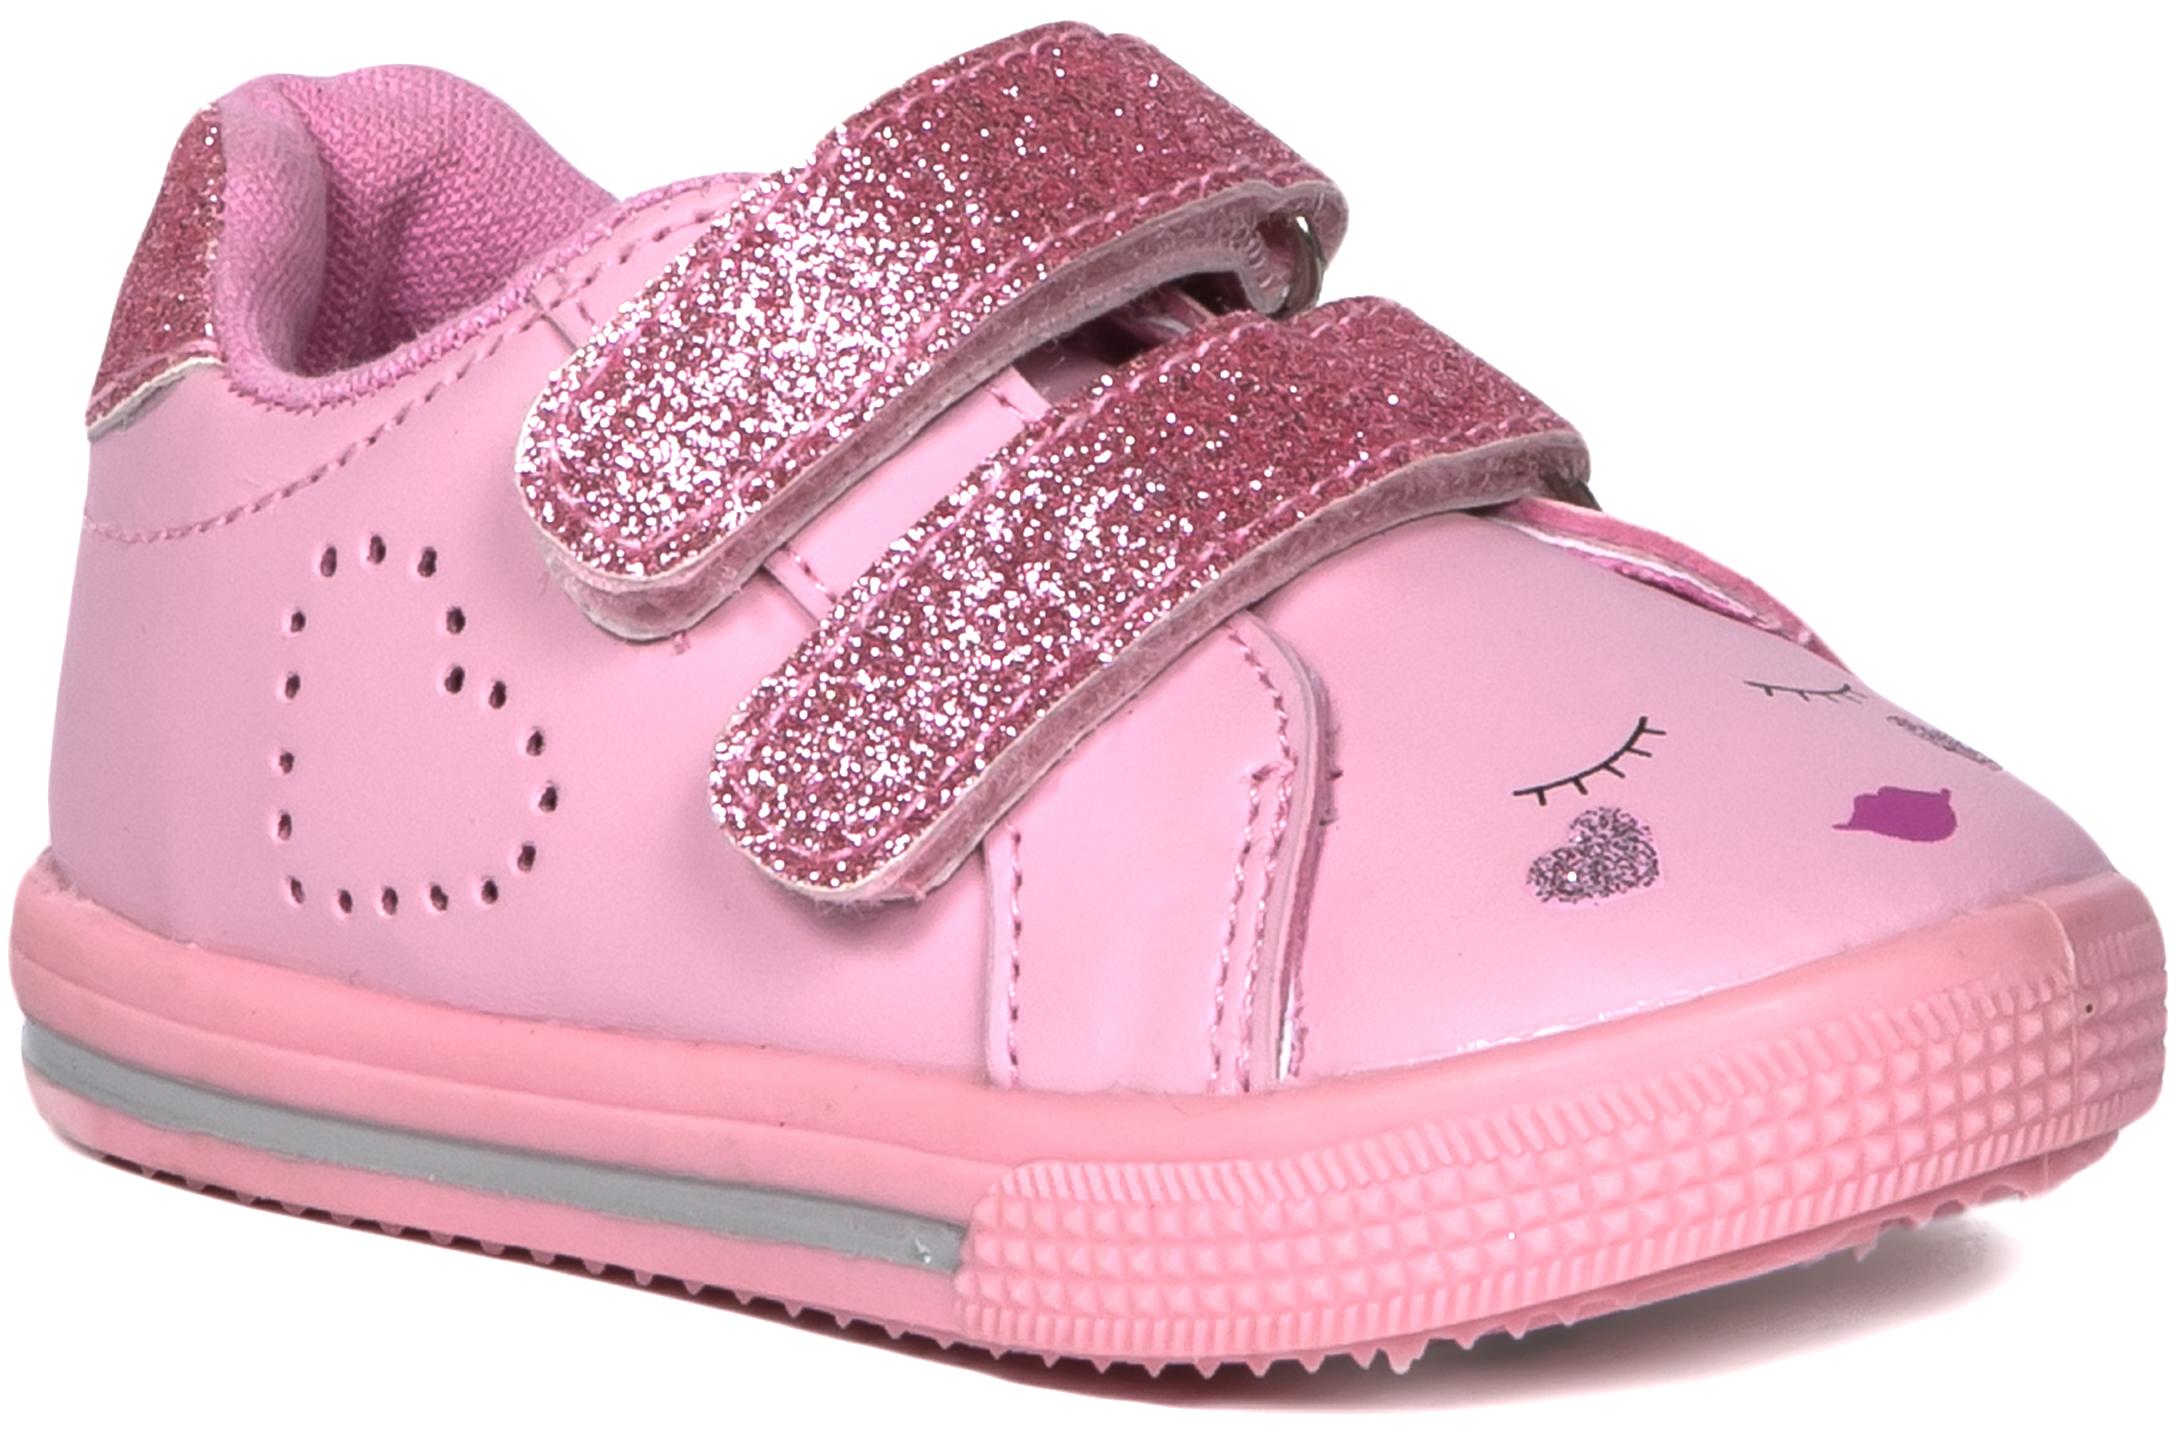 Кроссовки и кеды Barkito Полуботинки типа кроссовых для девочки Barkito, светло-розовый кроссовки для девочки zenden цвет розовый 219 33gg 002tt размер 31 page 5